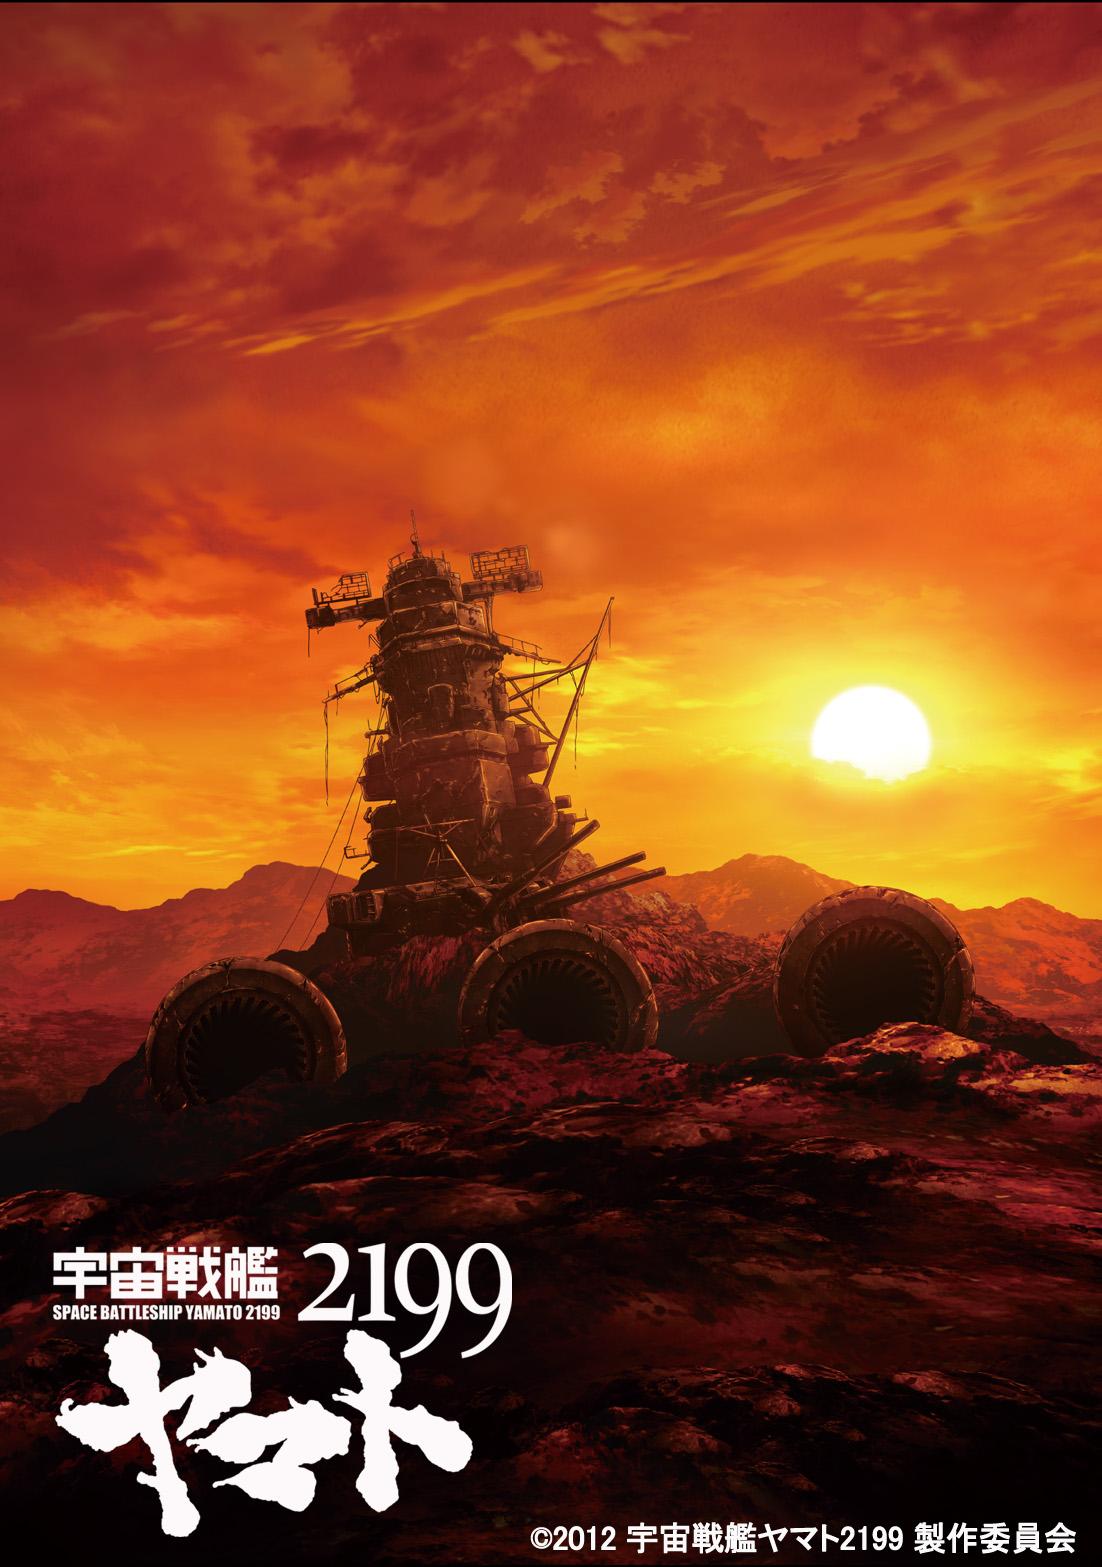 宇宙戦艦ヤマト2199の画像 p1_8